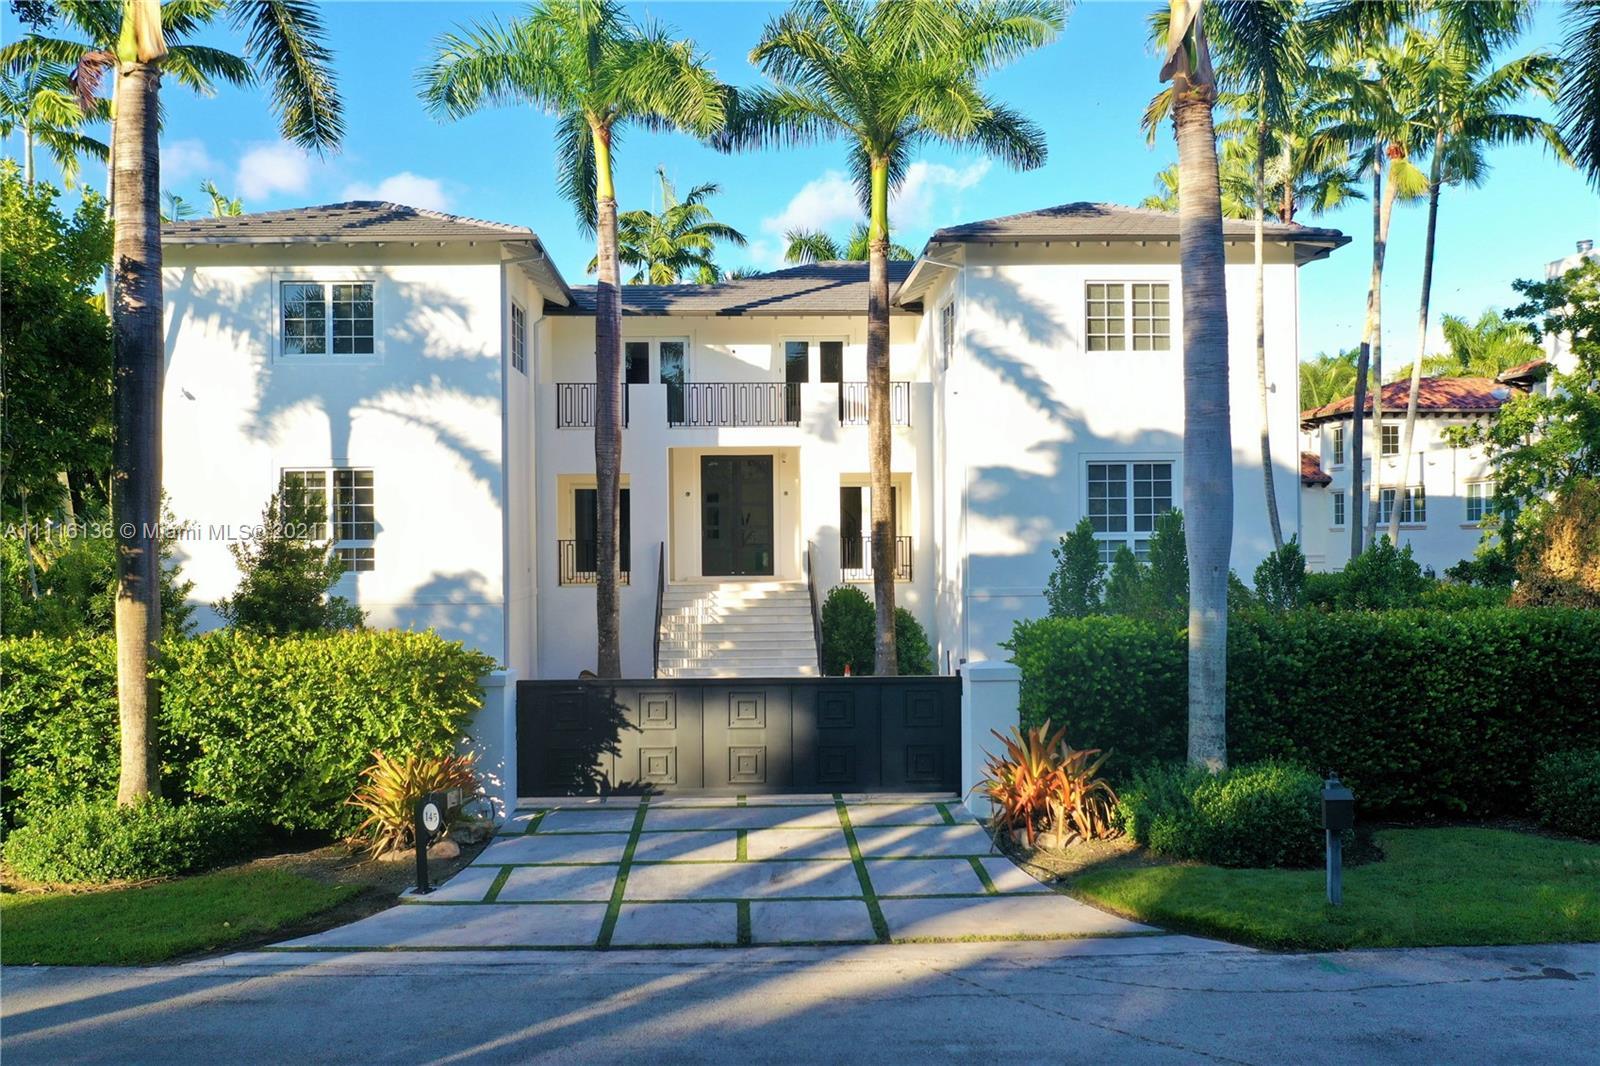 145  Orquidea Ave  For Sale A11116136, FL